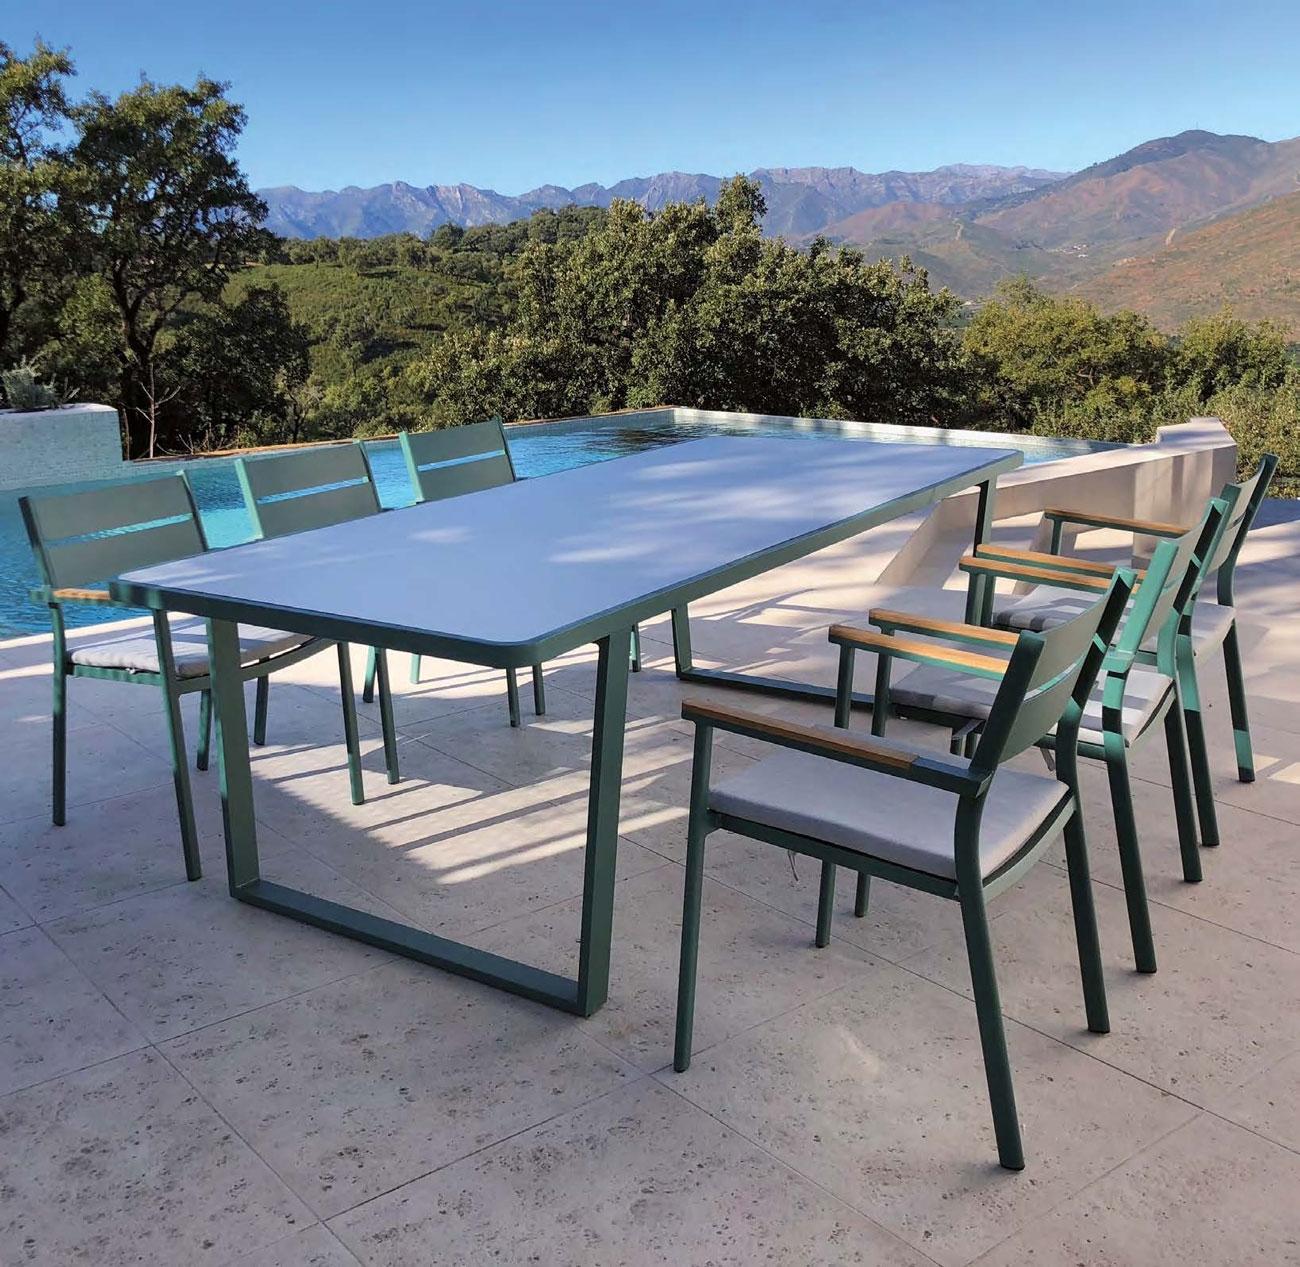 Mesa comedor para exterior o sillones MOSCU - Juego de mesa y sillas para exterior modelo MOSCU de Majestic Garden